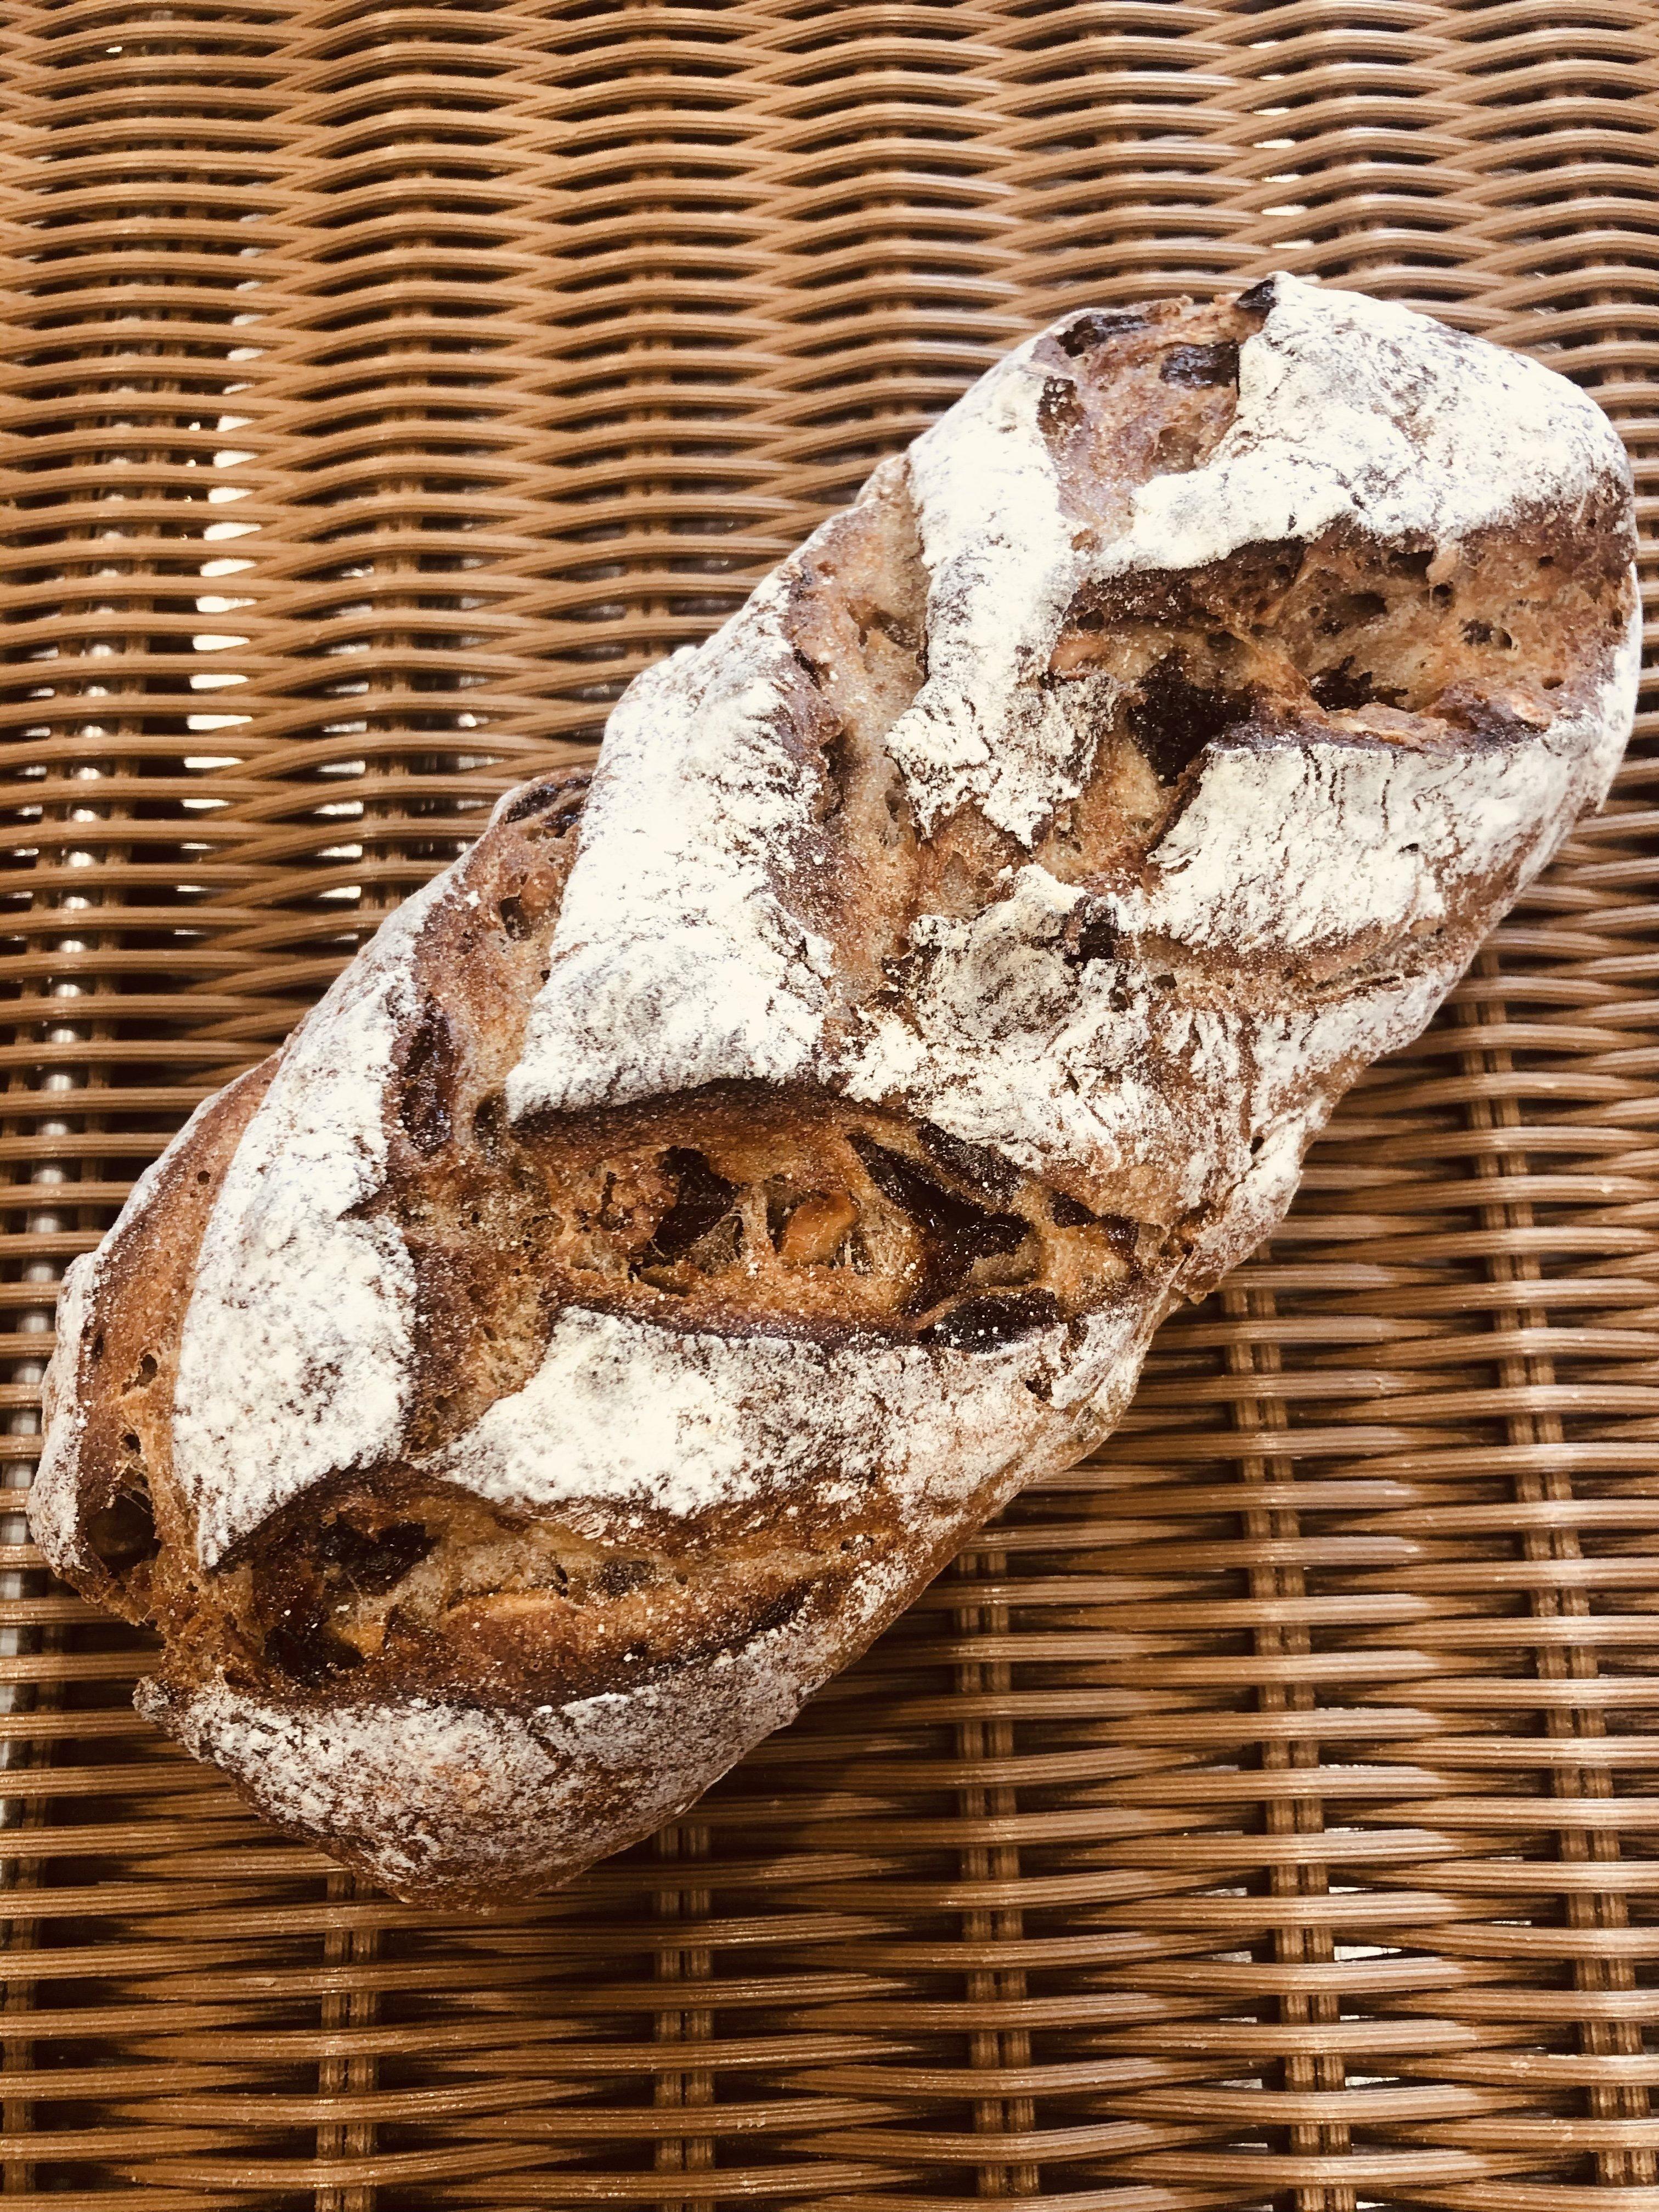 ノアレザン(くるみとラムレーズンをたっぷり練り込んだ田舎パンのイメージその1